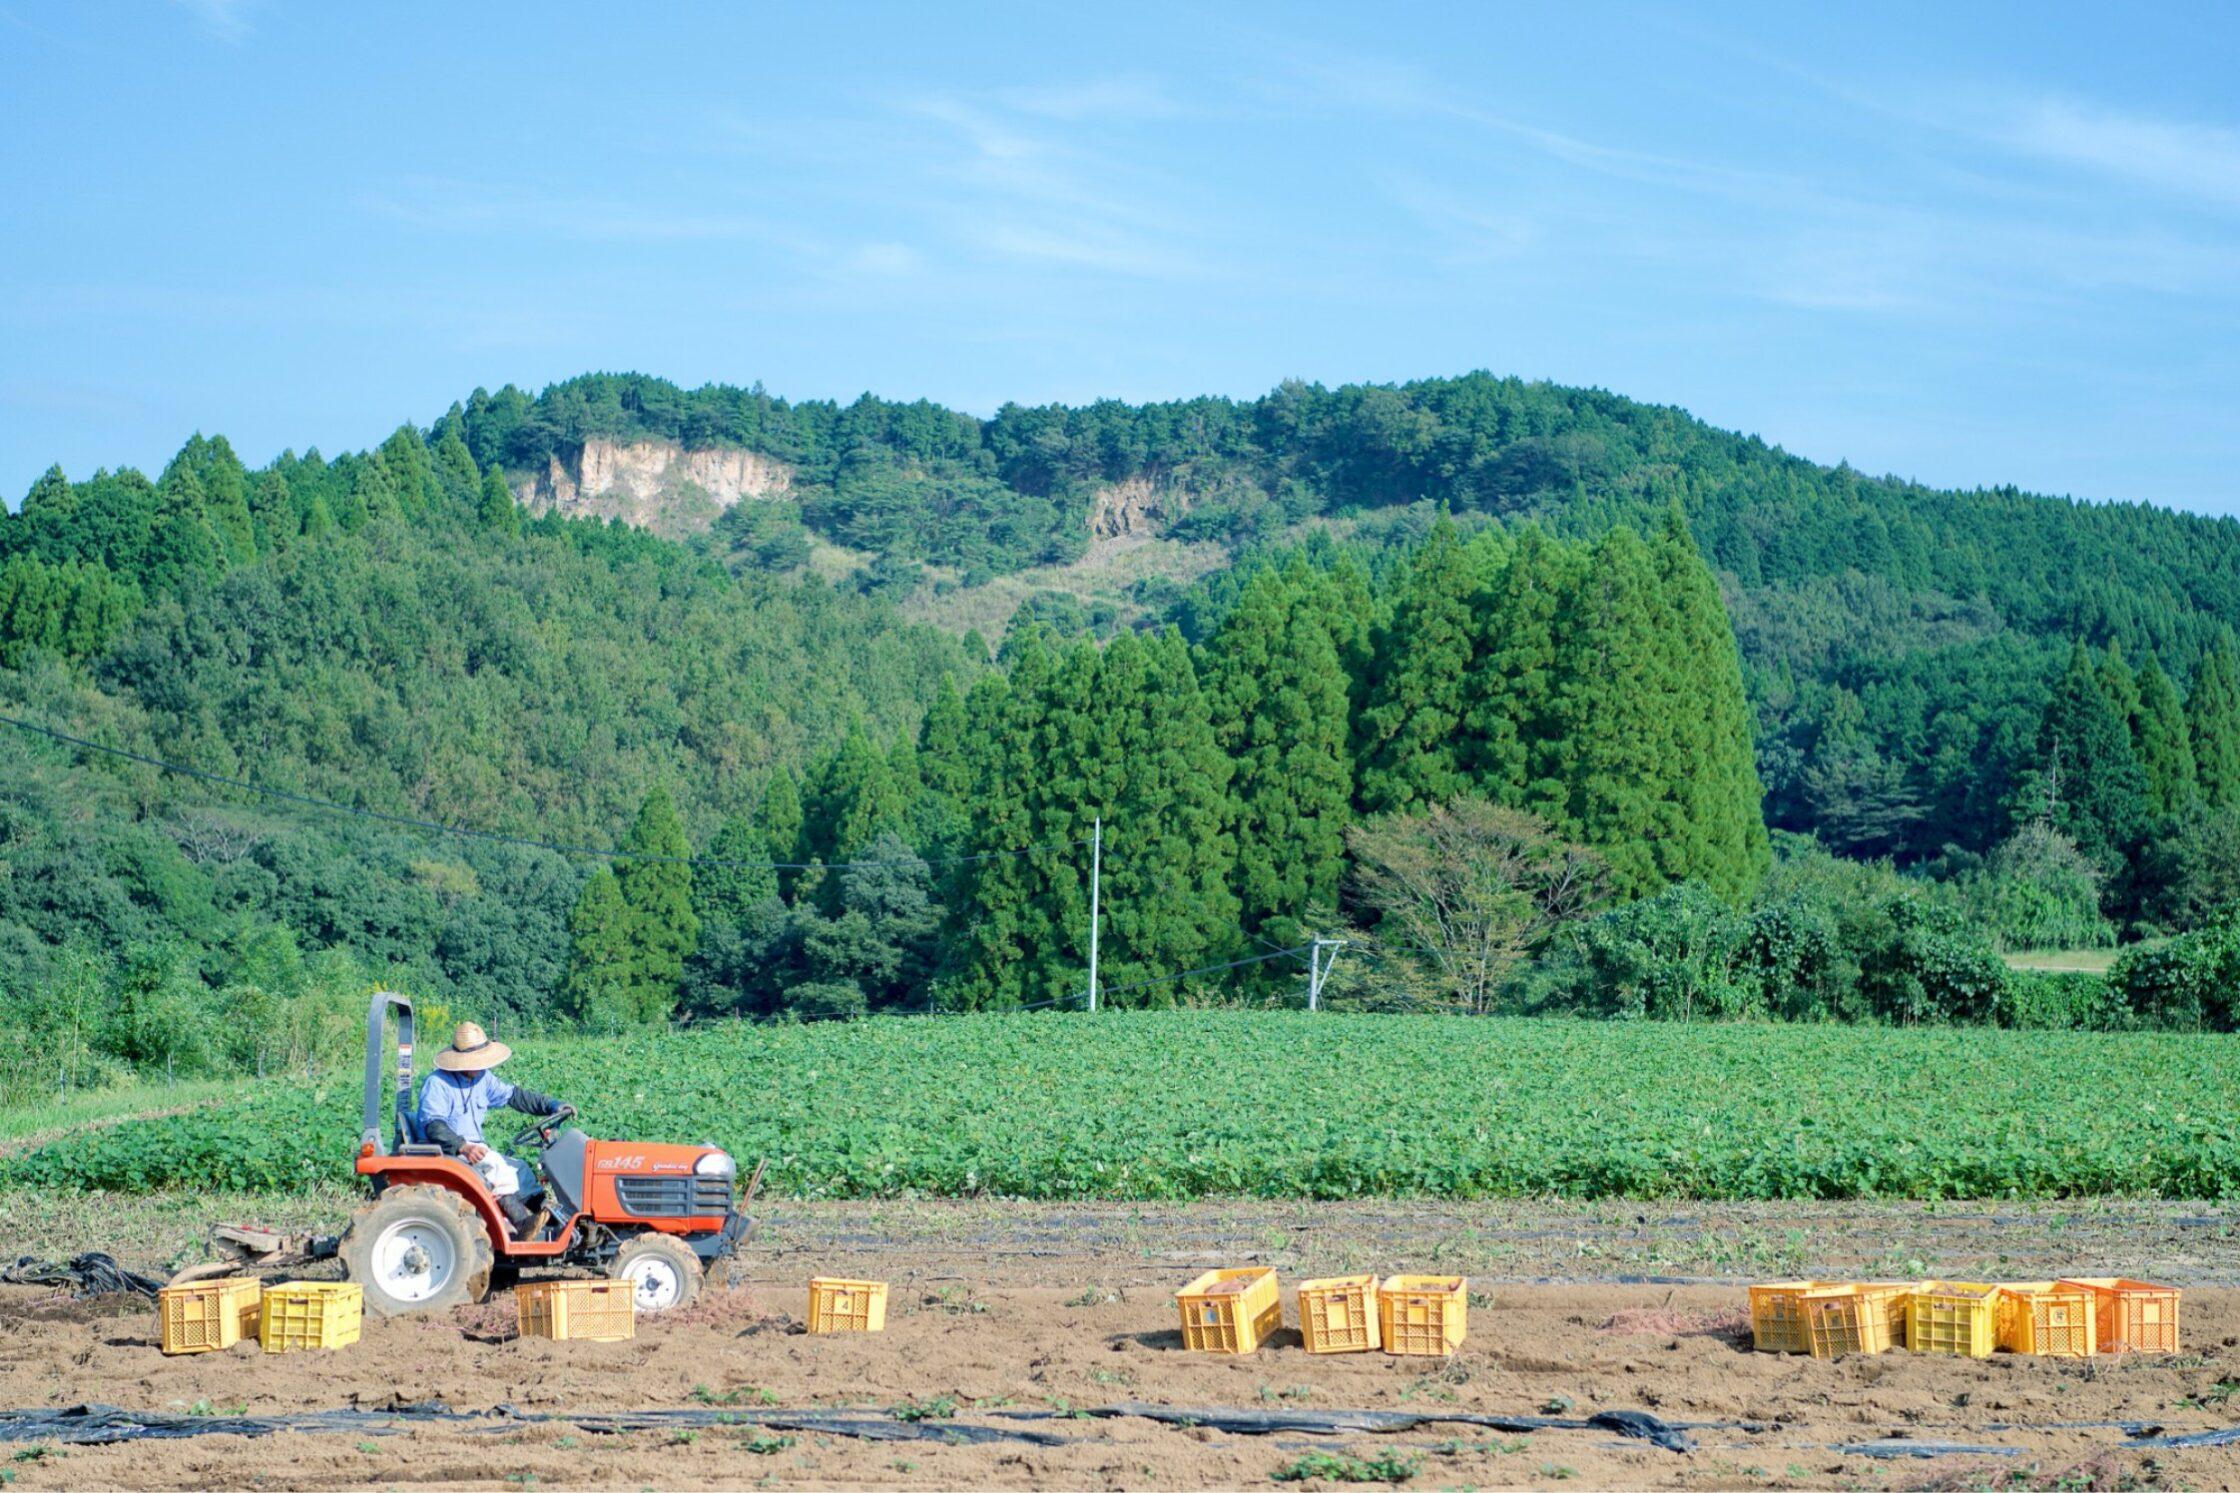 壮大な山を背景にトラクターで畑を耕す人の画像